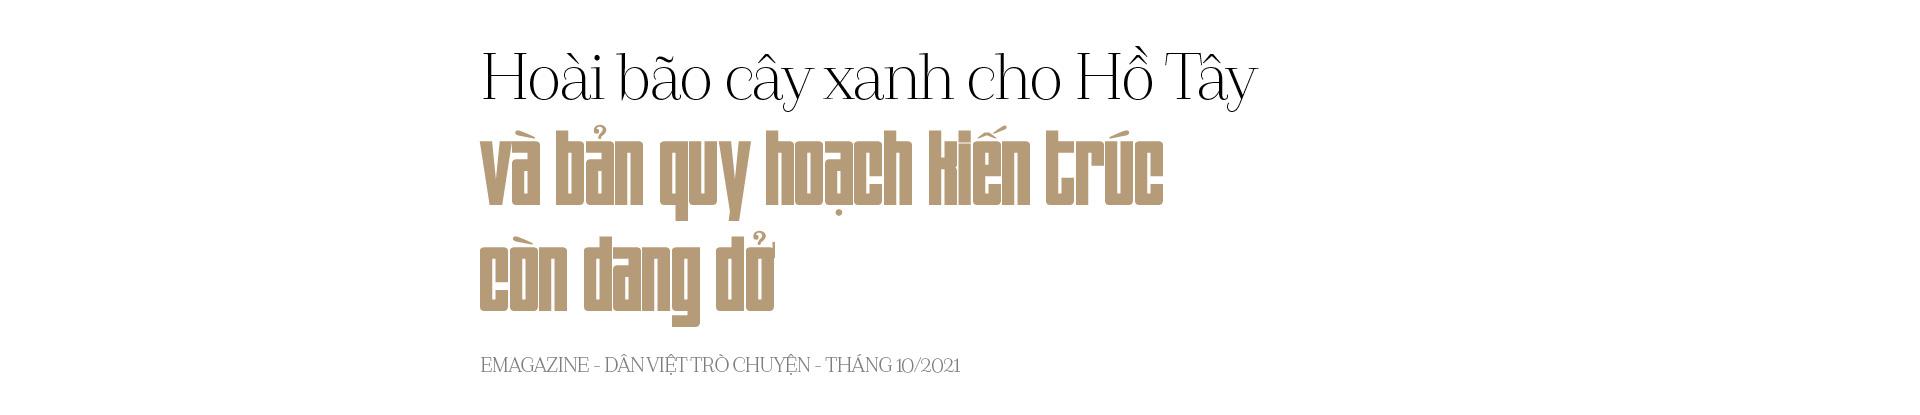 Bác sĩ Trần Duy Hưng – thị trưởng Hà Nội đầu tiên và lâu năm nhất - Ảnh 18.